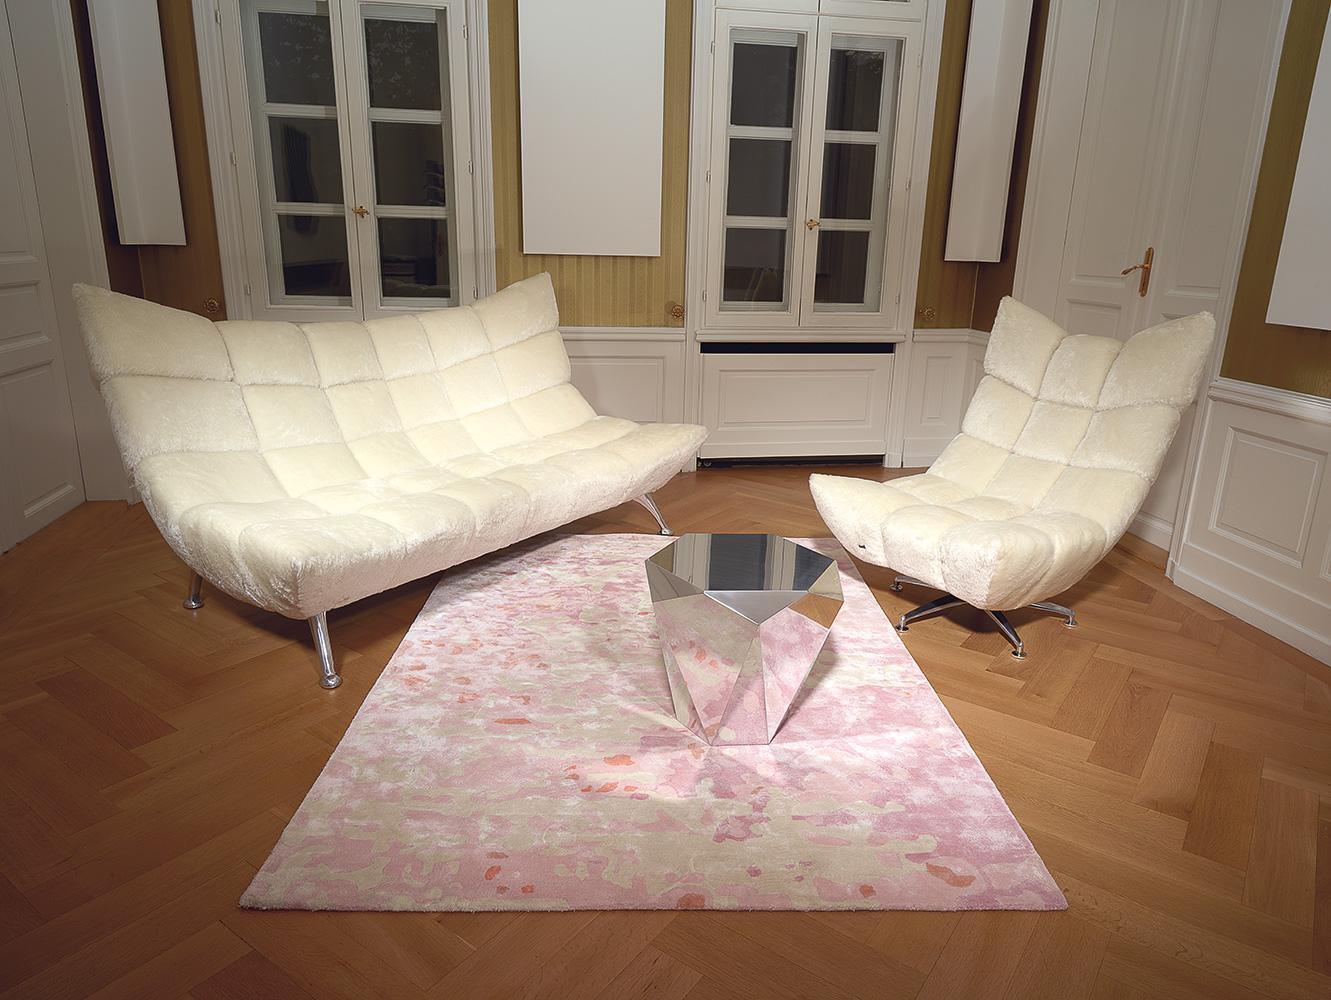 Cremefarbenes sofa bilder ideen couchstyle - Teppich cremefarben ...